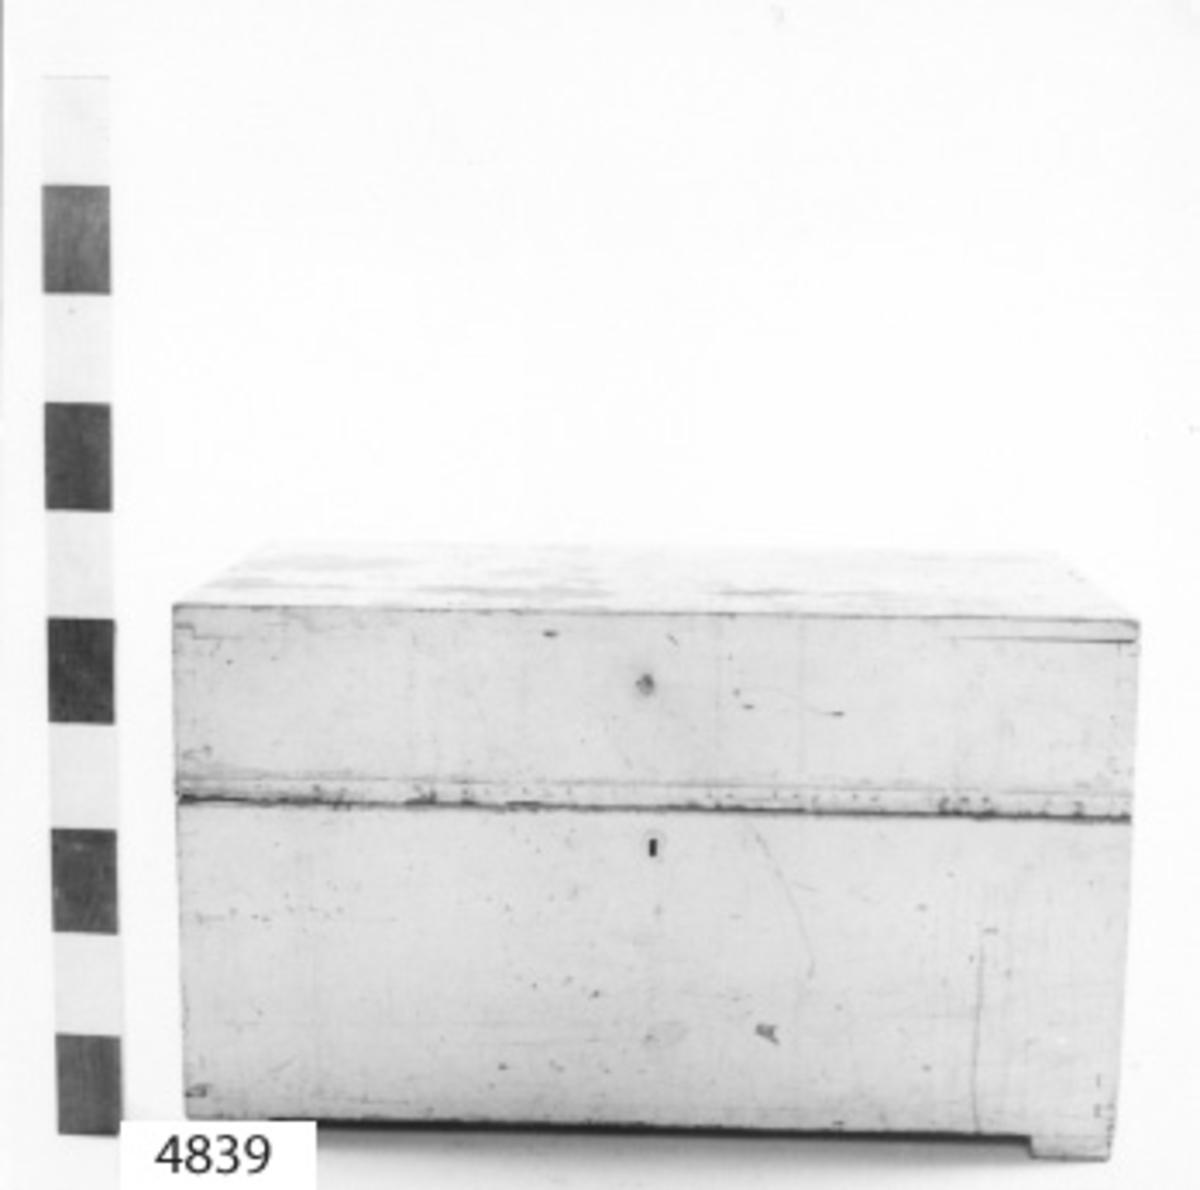 Kista, sjömans- av trä, svart- och vitmålad. Locket, som låses med infällt lås, är invändigt försett med fack. Utvändigt fastsatt list av tunnplåt, som överskjuter kistans kant för att skydda mot vattnets inträngande. Å gavlarna rörliga bärhandtag av järn. Den härstammar från år 1880.